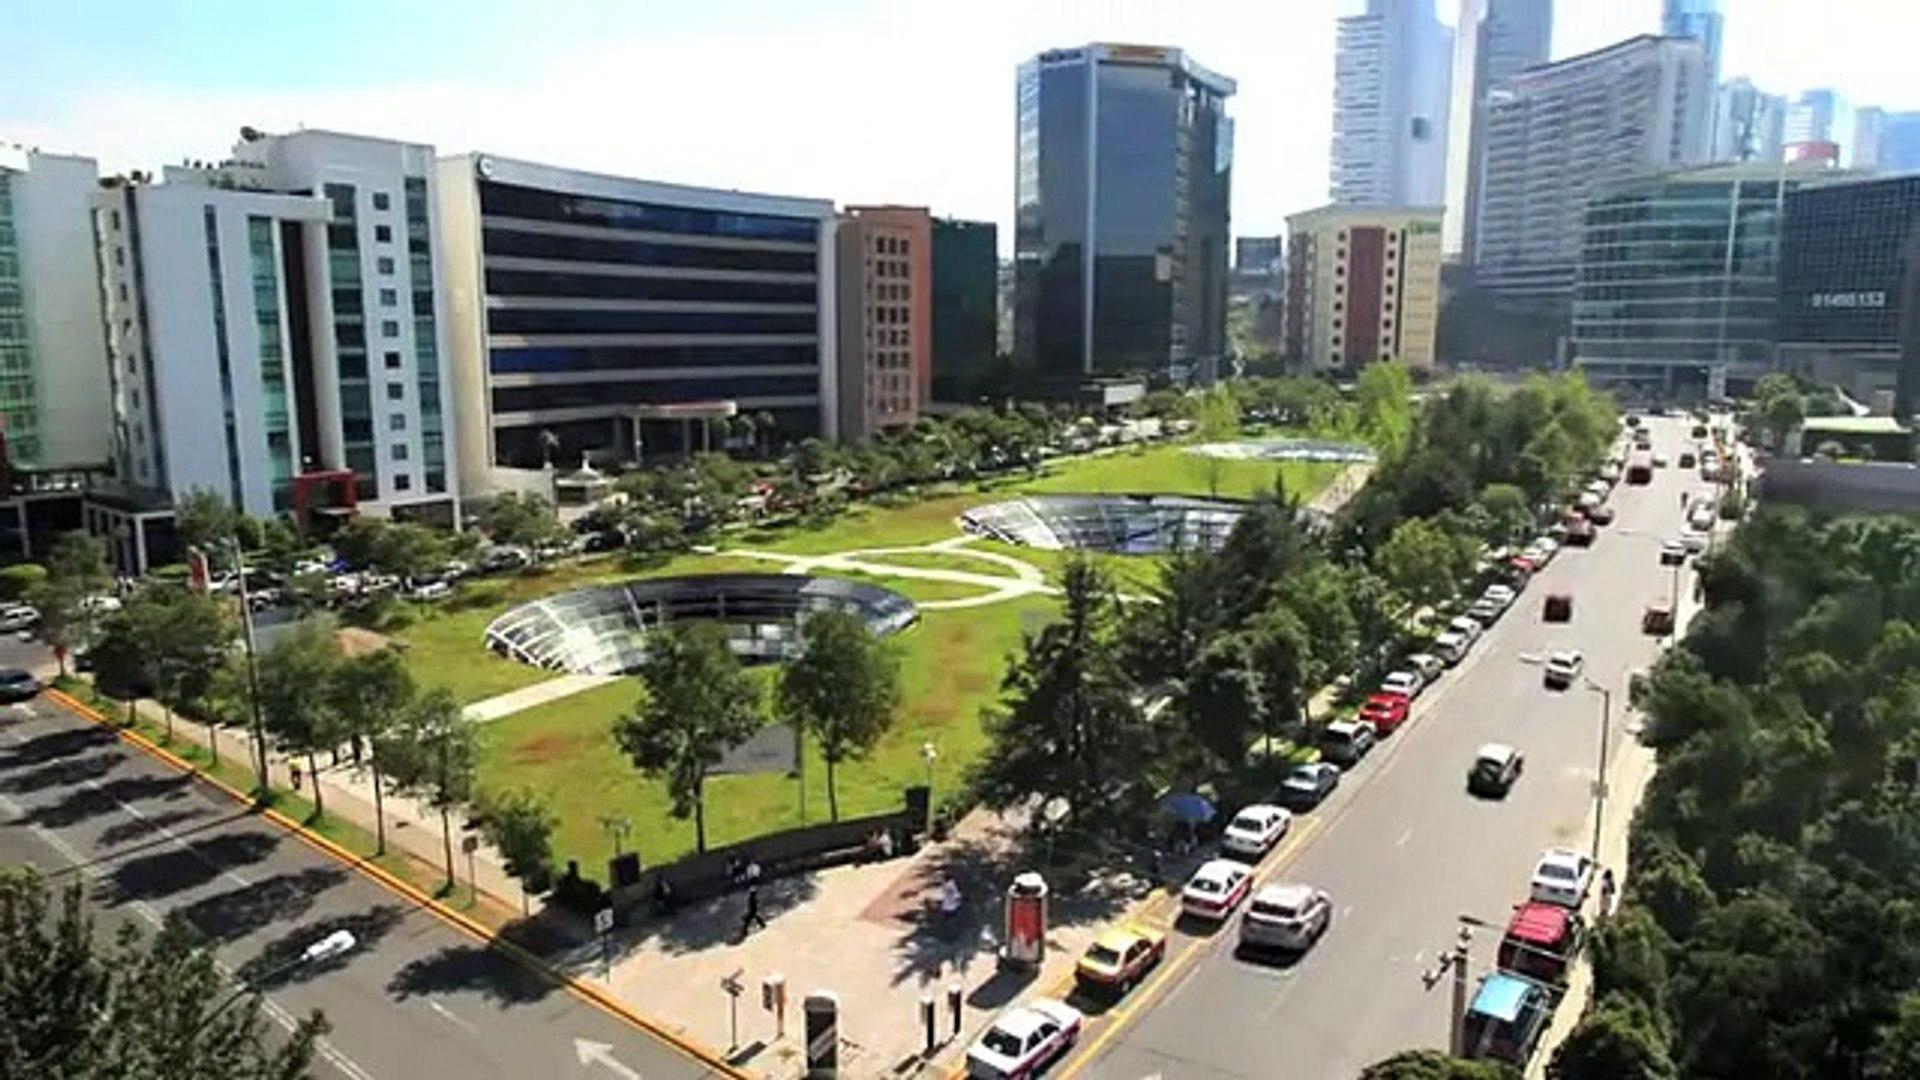 Argentina en Mexico - Garden Santa Fe. Santa Fe Mexico (HD)